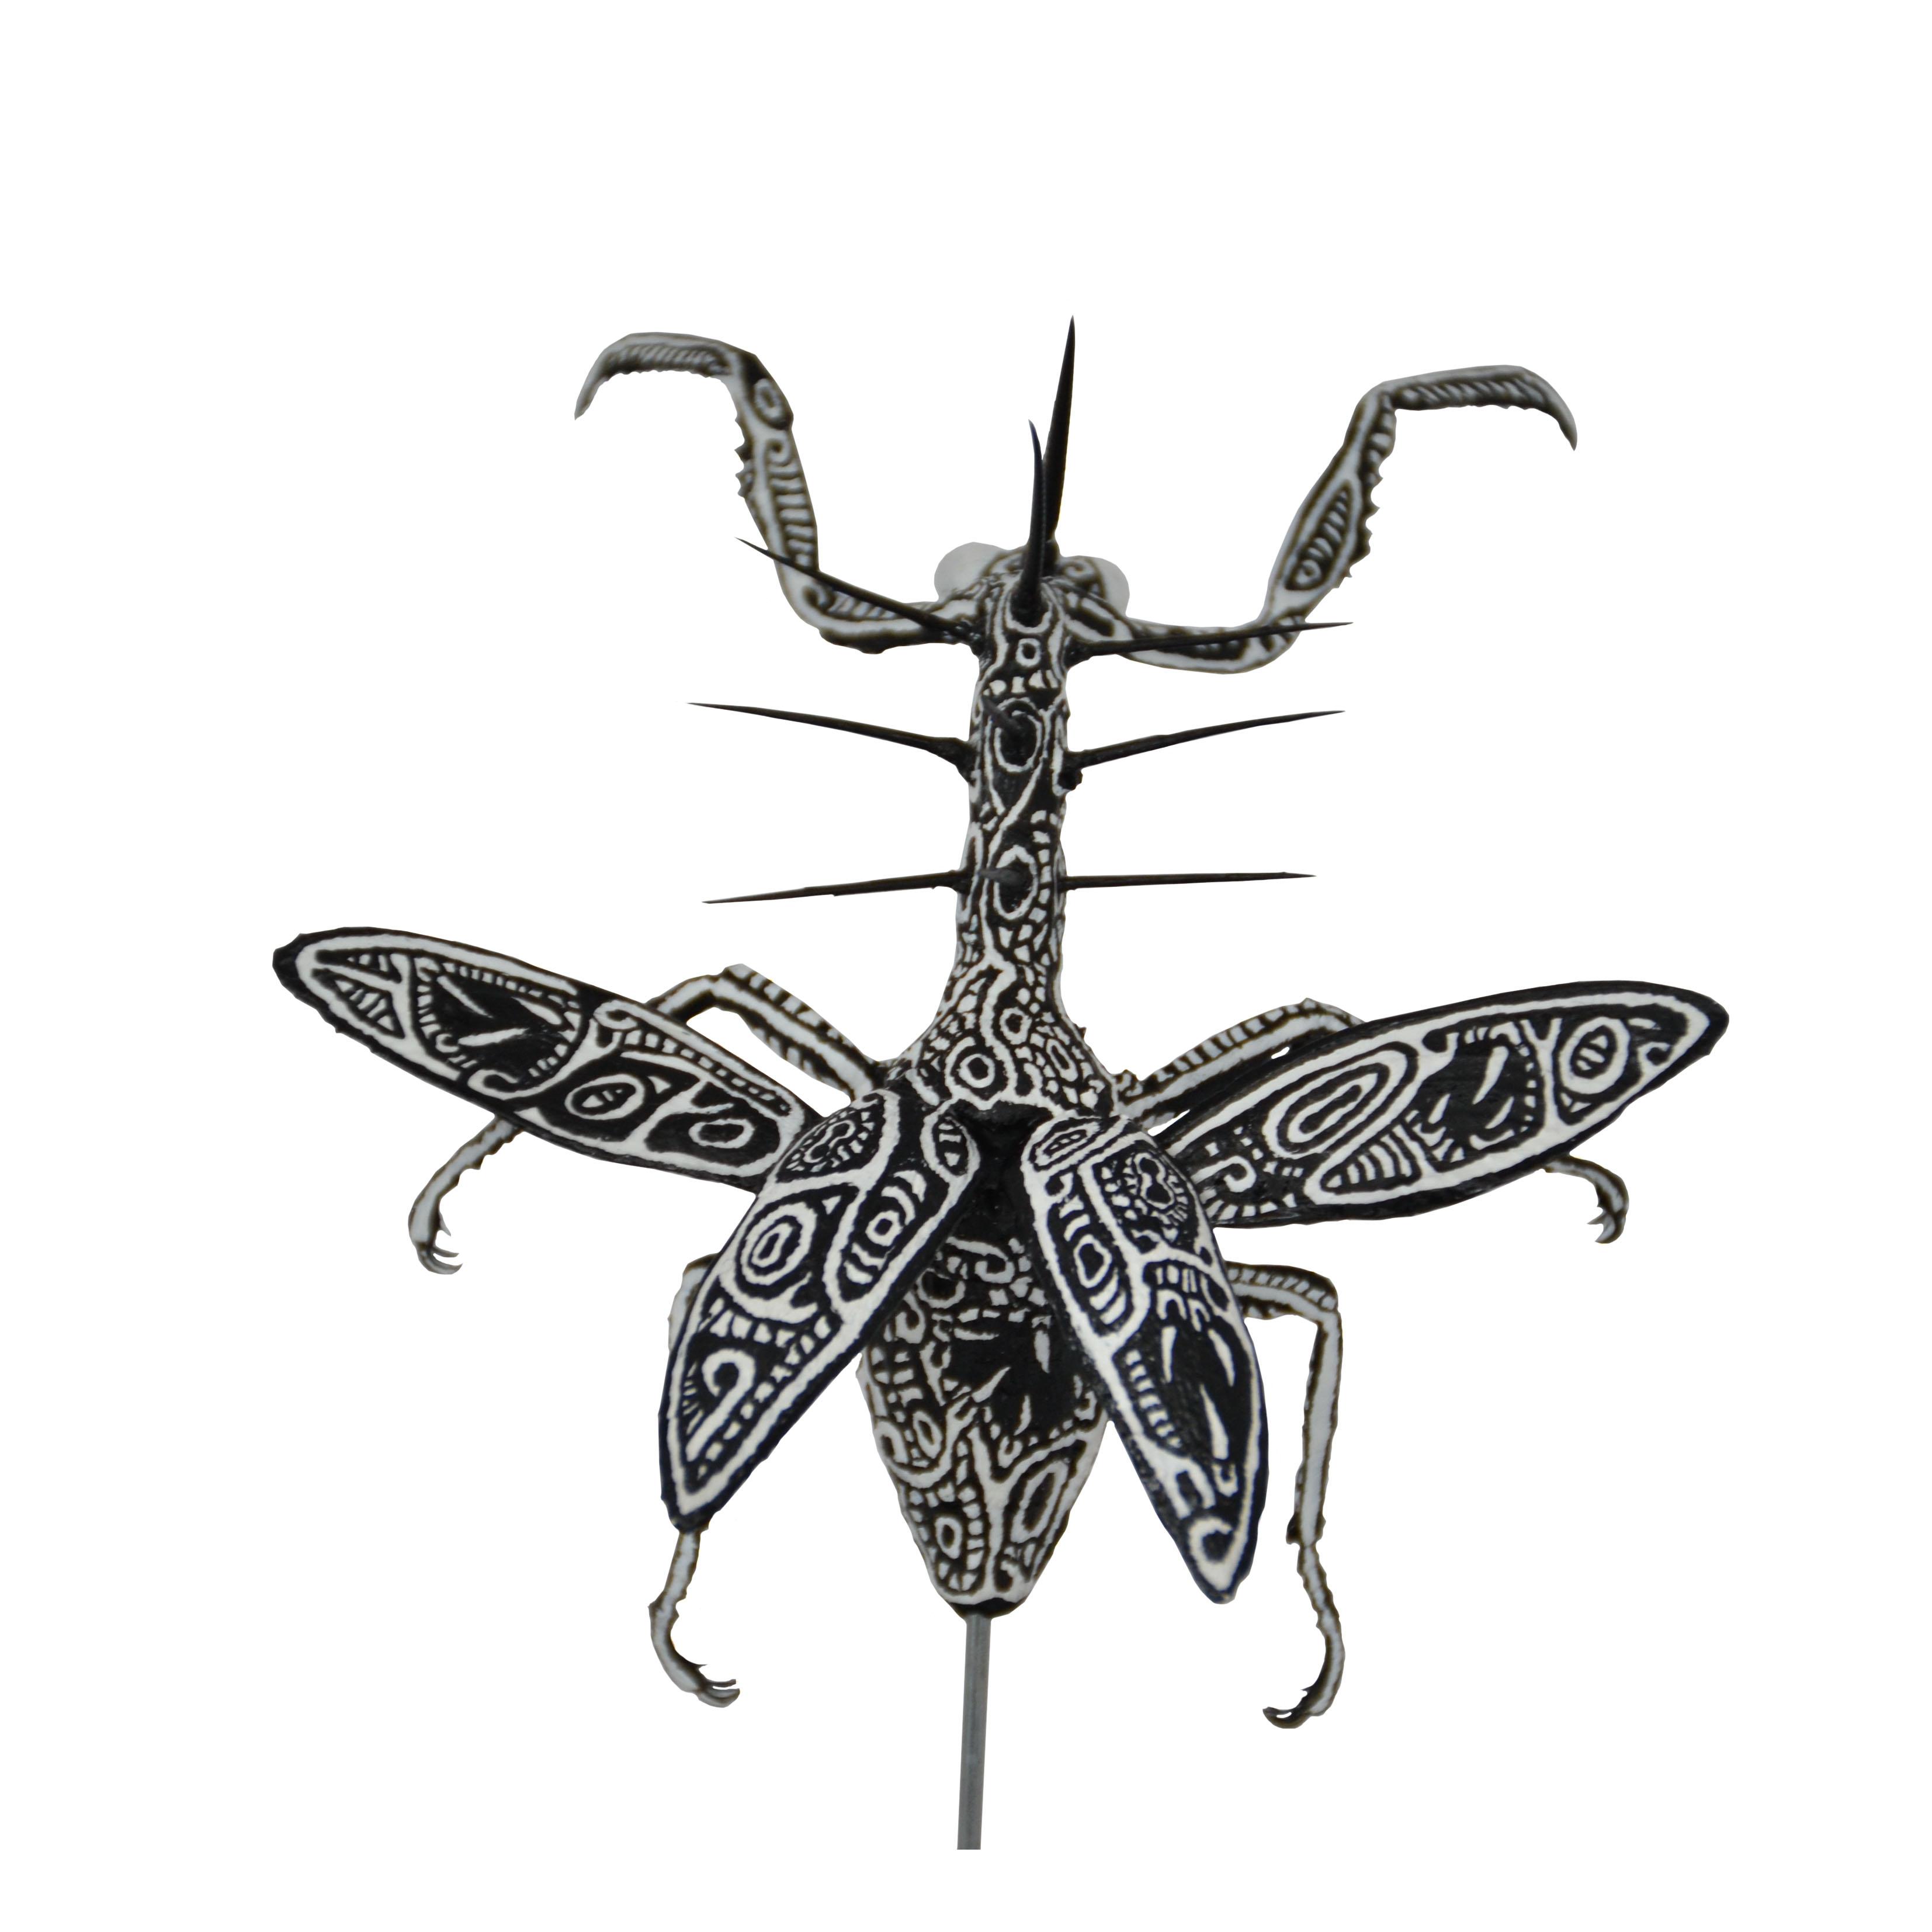 Acromantis Spinactus